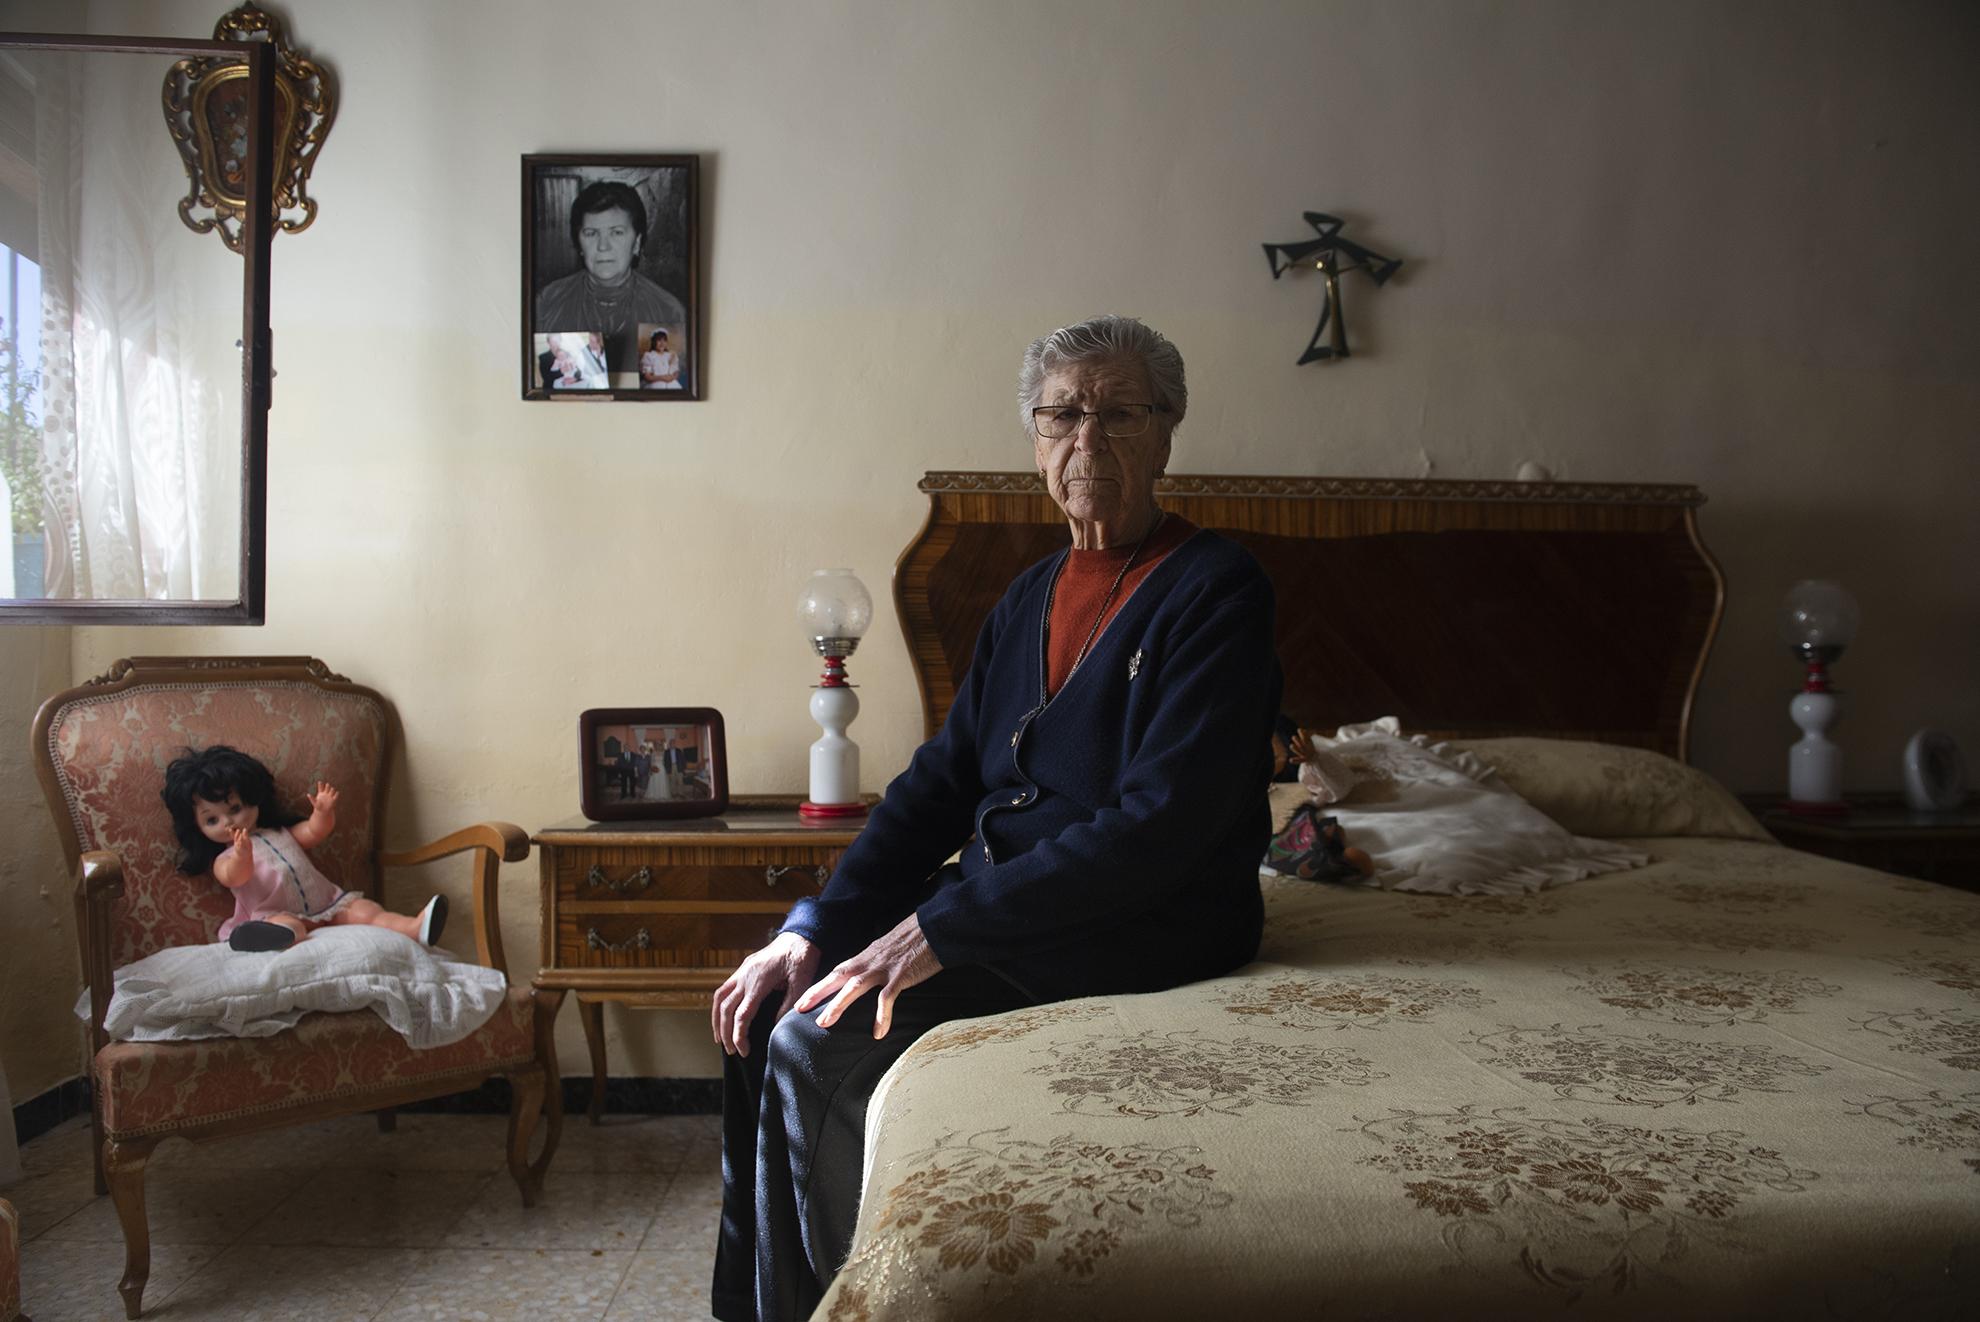 Elvira tiene 87 años y vive sola en Aguarón, un pequeño municipio de la provincia de Zaragoza. Desde que se decretó el estado de alarma no ha salido de casa, pero asegura que no se ha sentido sola. Su hijo, que también vive en el pueblo, la ha visitado a diario, aunque siguiendo las indicaciones sanitarias y las medidas de seguridad recomendadas. Además cuenta con la asistencia del servicio de ayuda a domicilio comarcal y Humildad la visita tres veces por semana para atenderla y ayudarla en las labores del hogar.